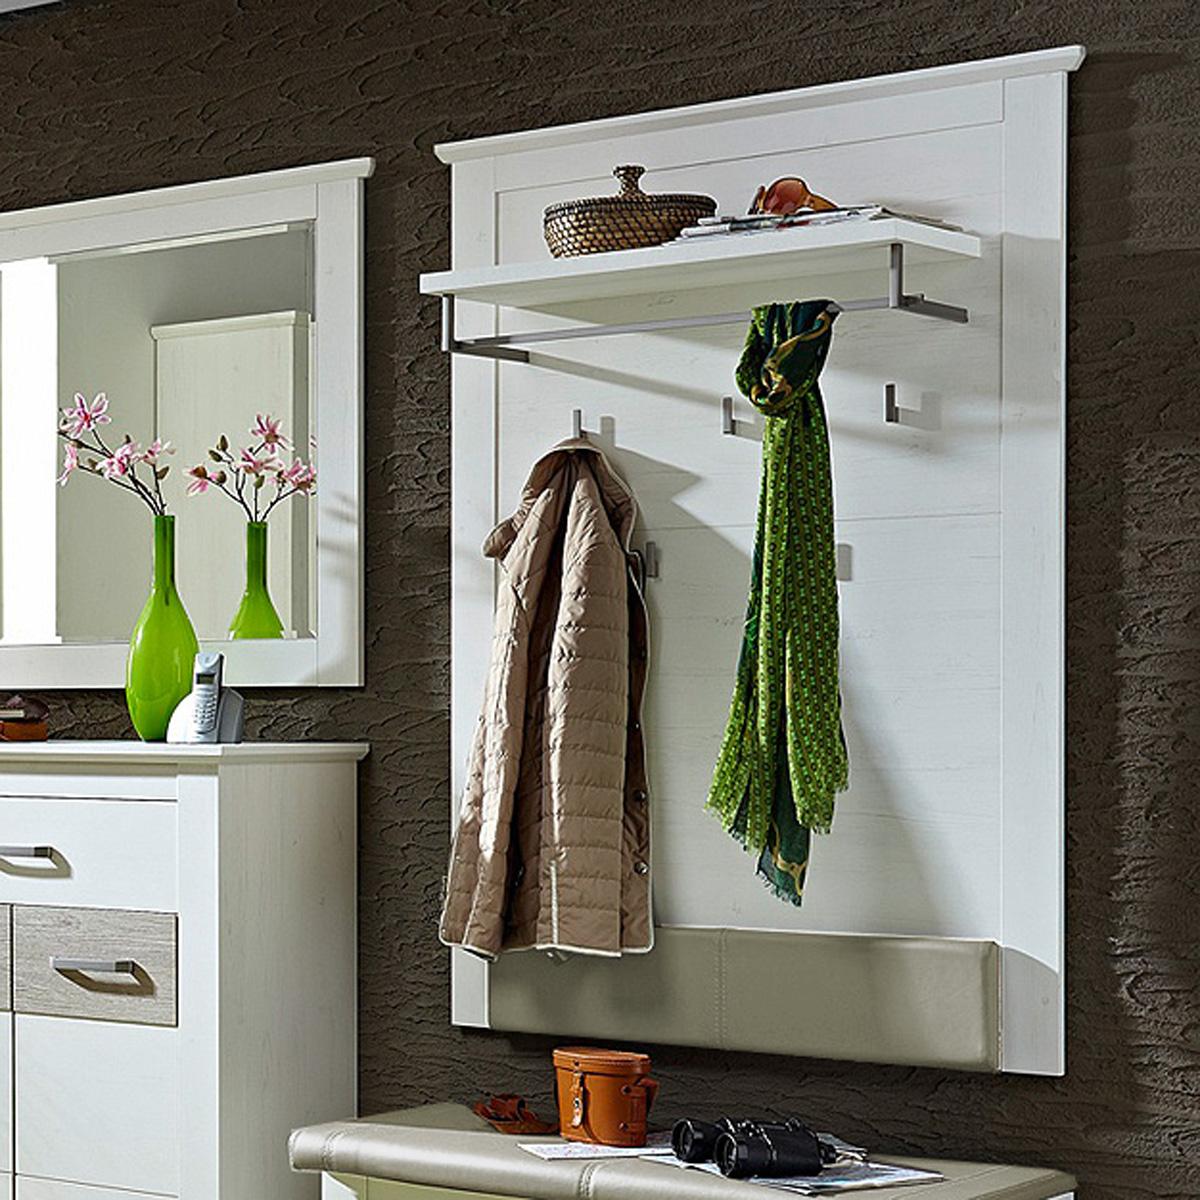 Garderobenpaneel 1 modena paneel garderobe flurm bel in for Paneel garderobe